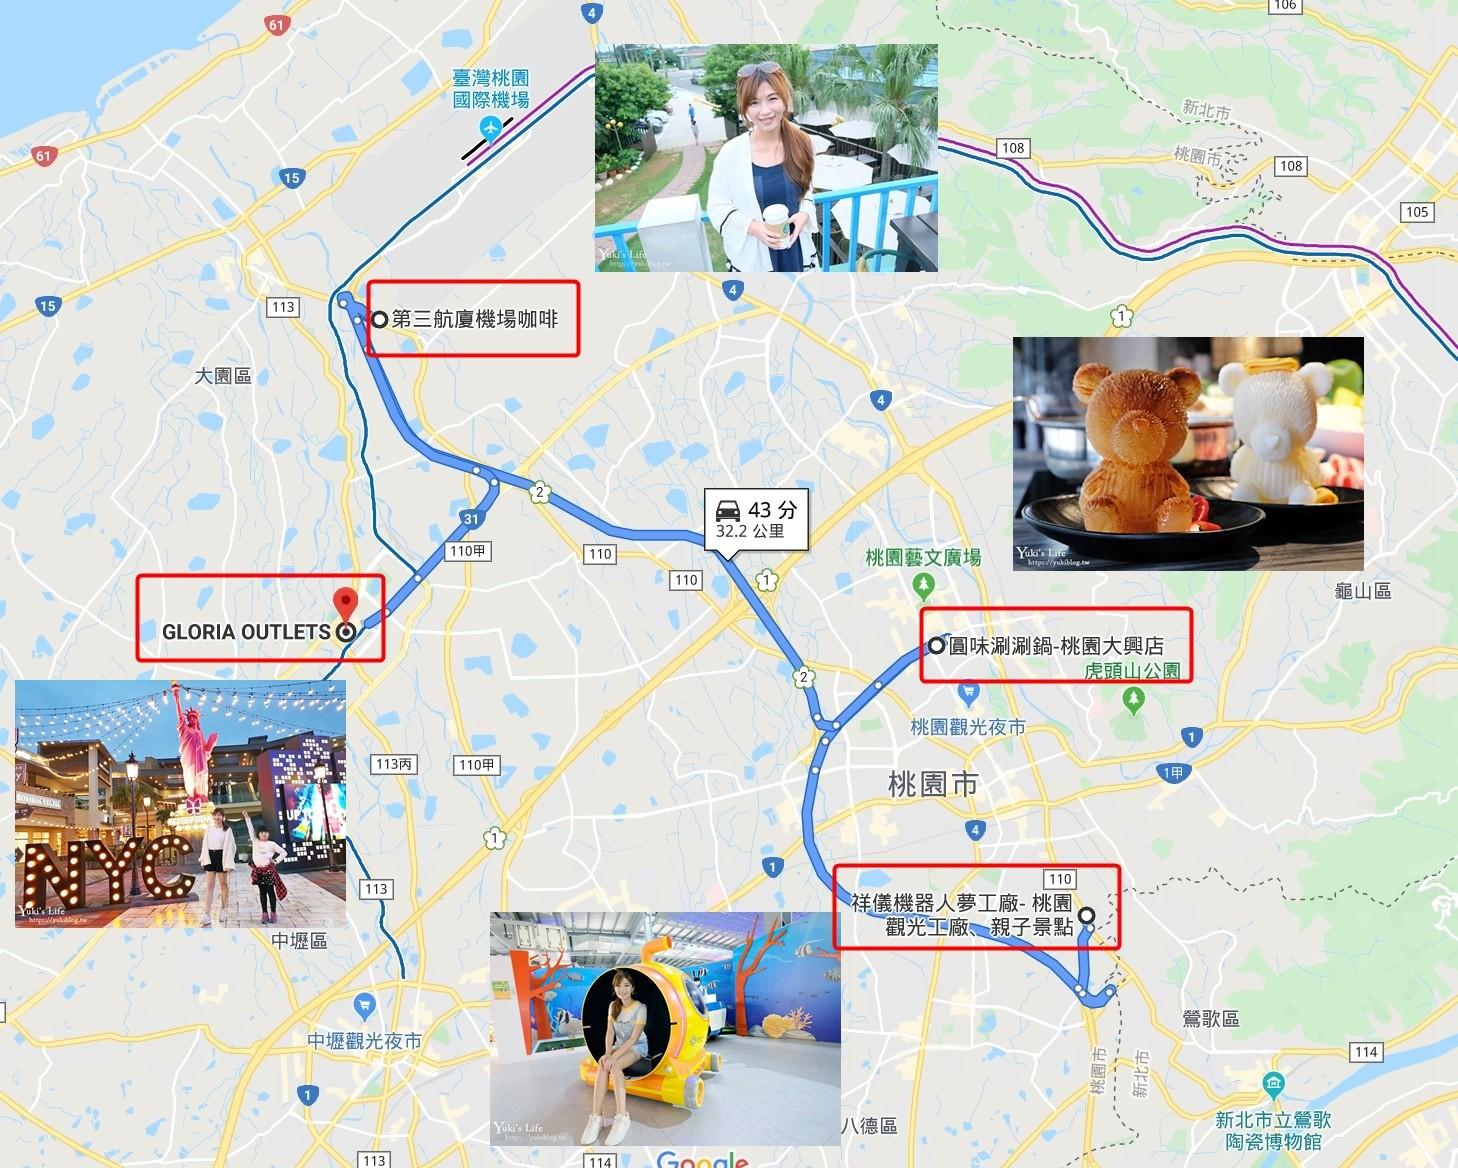 桃園賞飛機下午茶×觀光工廠一日遊懶人包》有吃有玩異國風~2條路線任你選! - yukiblog.tw